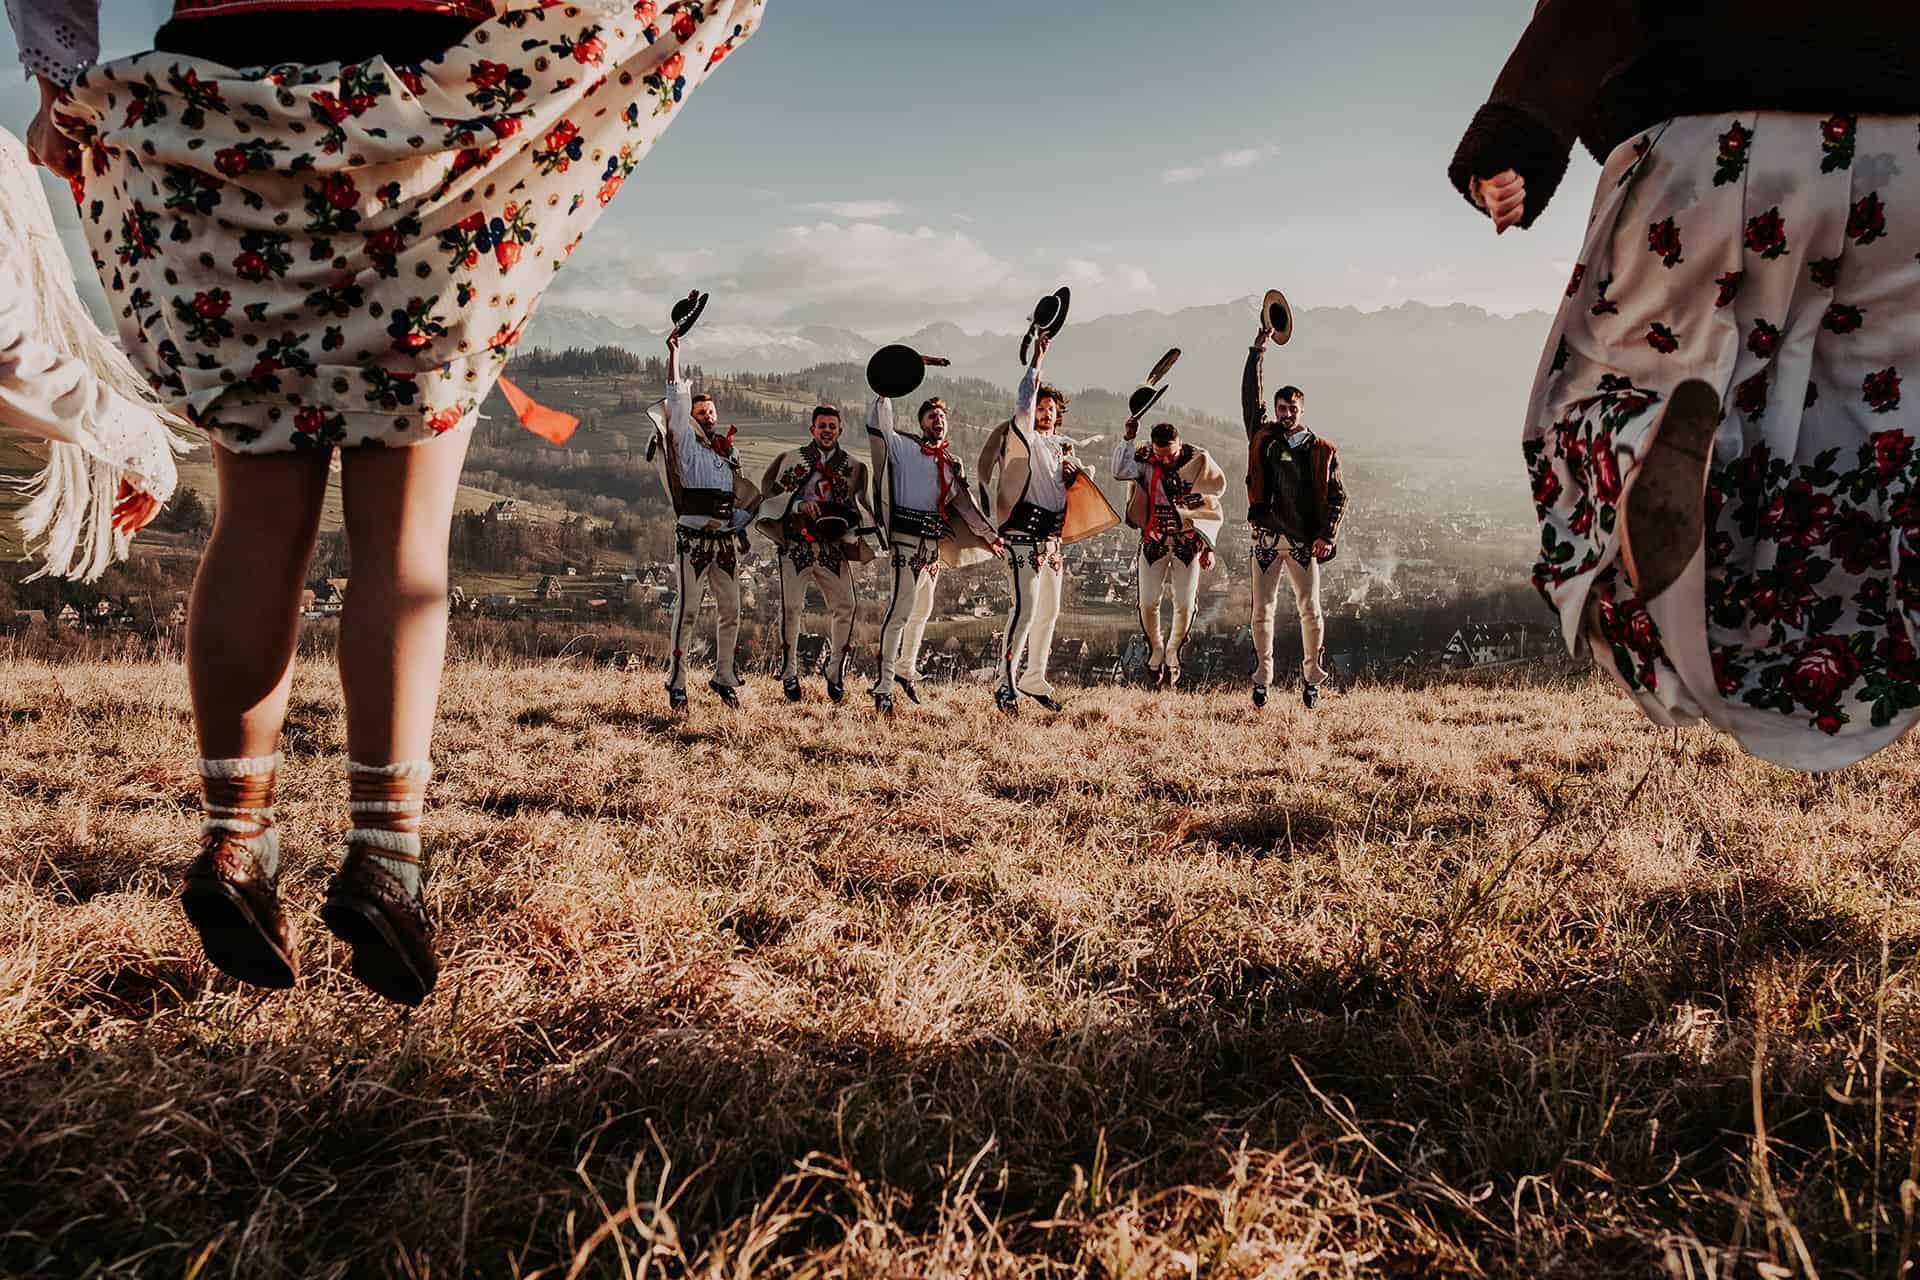 góralskie wesele zdjęcie grupowe